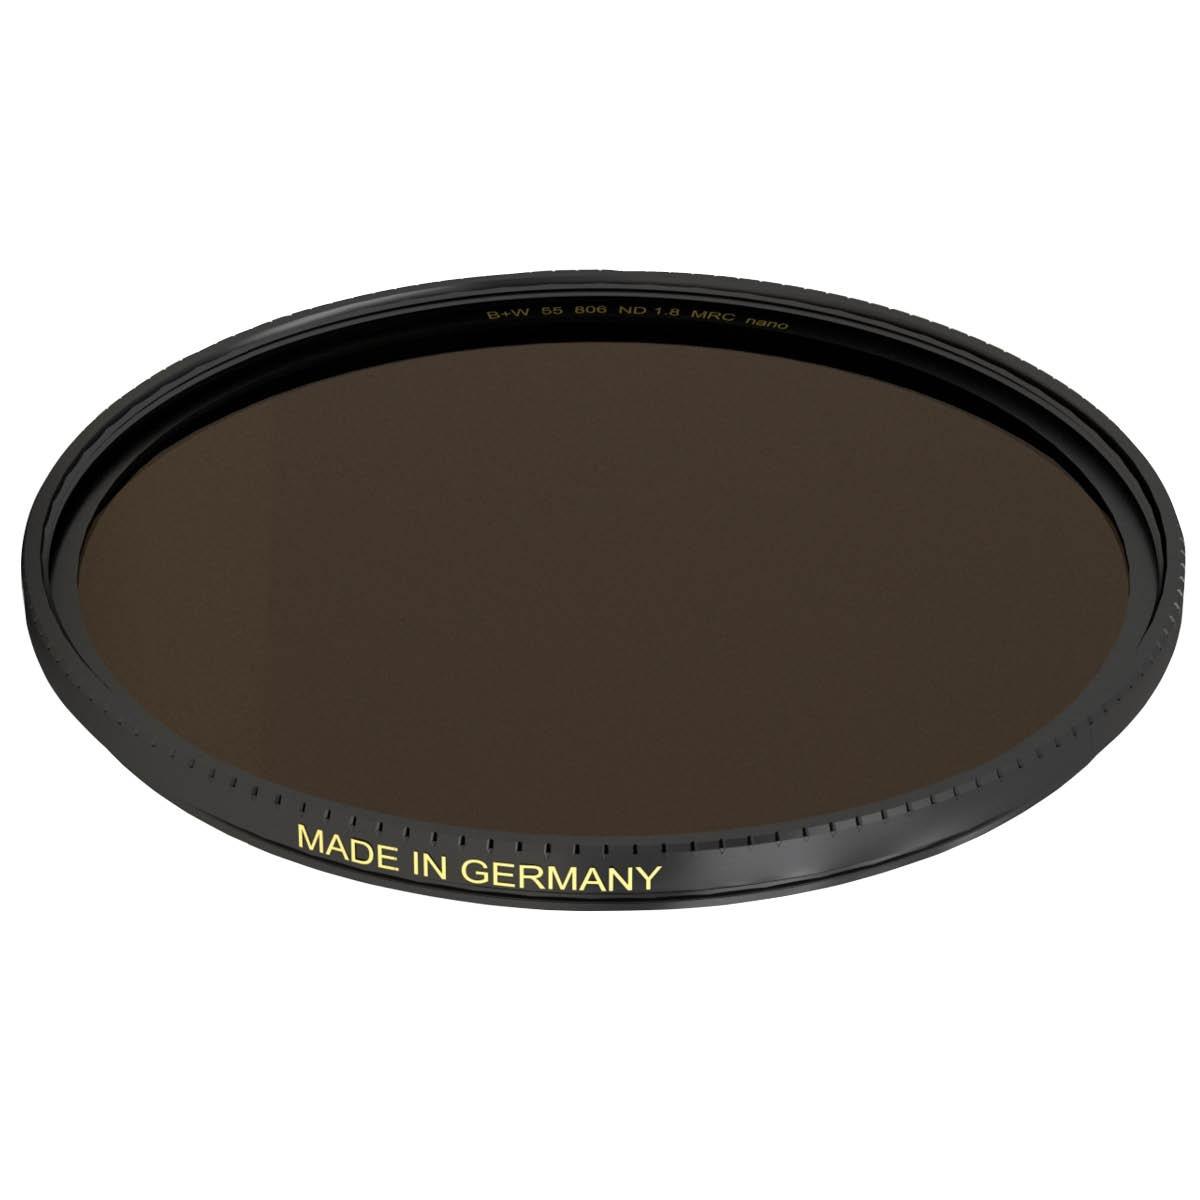 B+W Graufilter 58 mm XS-Pro +6